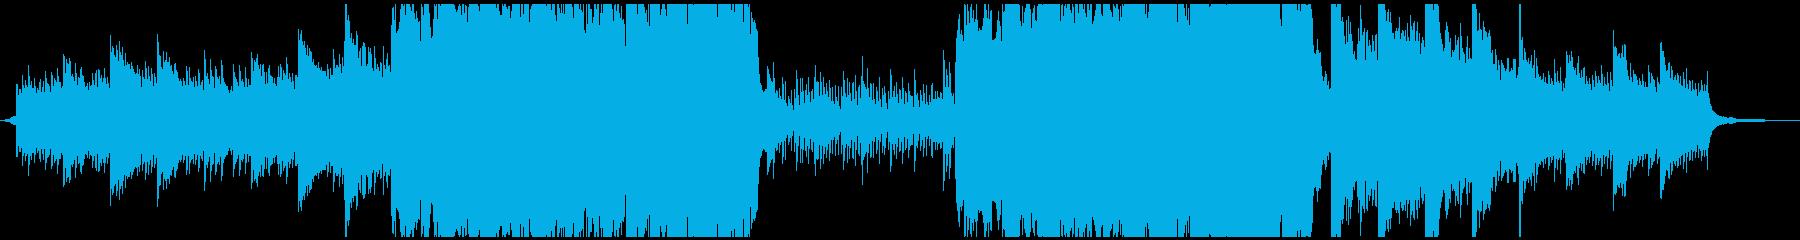 現代の交響曲 企業イメージ ロマン...の再生済みの波形